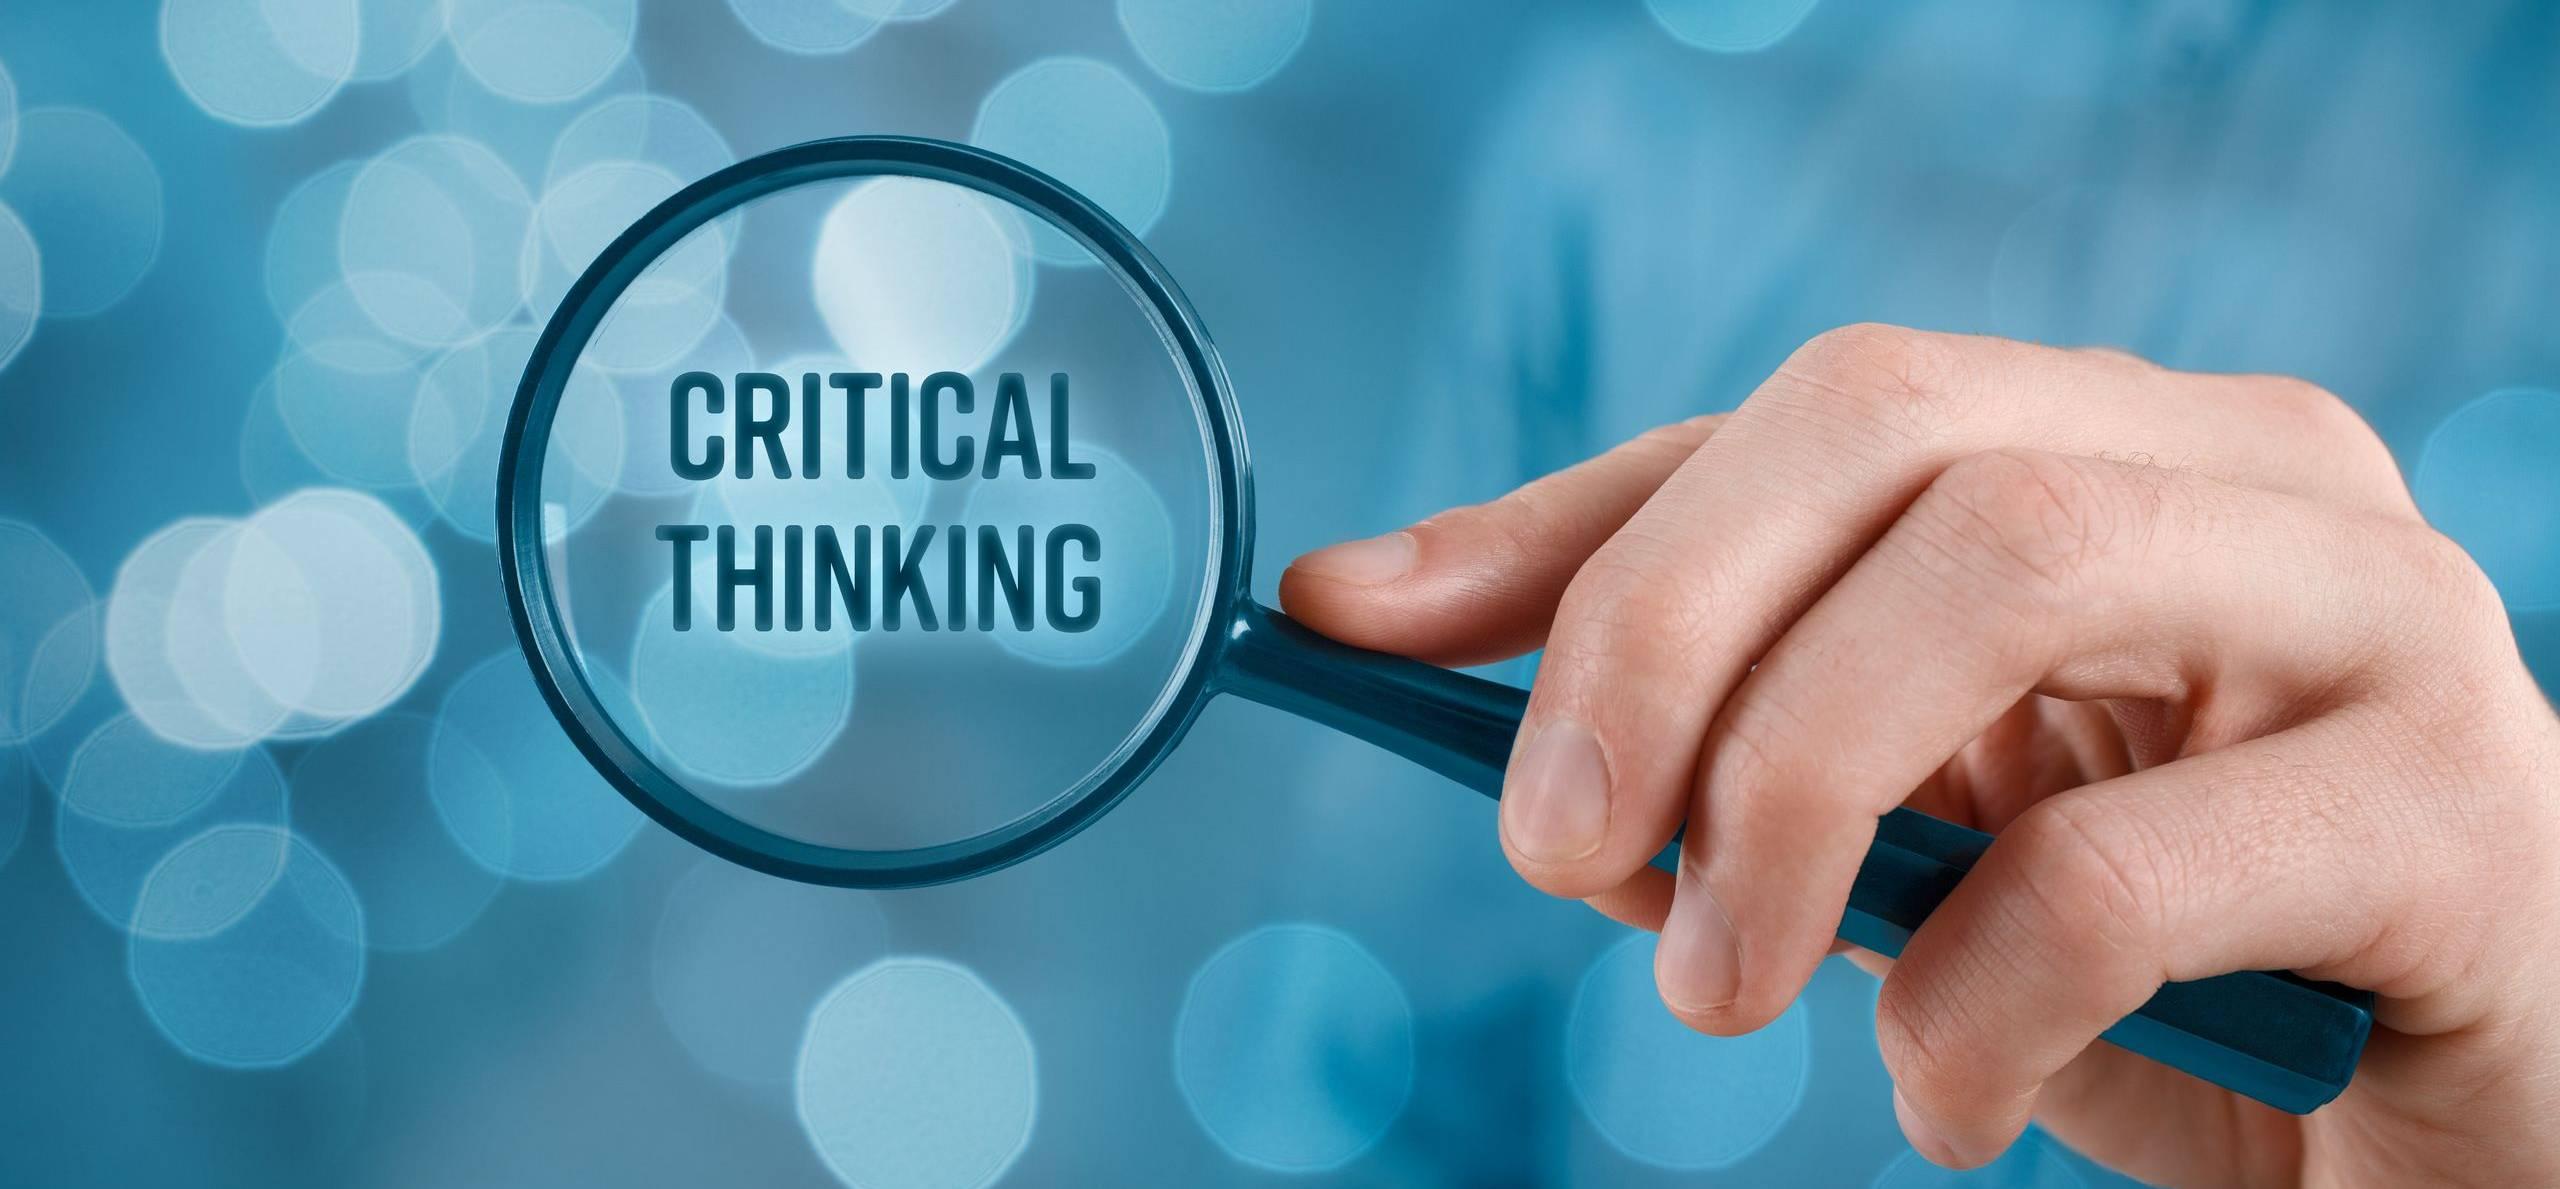 批判的思考とメディアリテラシー(後篇)~リスク社会における批判的思考とメディアリテラシー | スマートニュース メディア研究所 SmartNews Media Research Institute